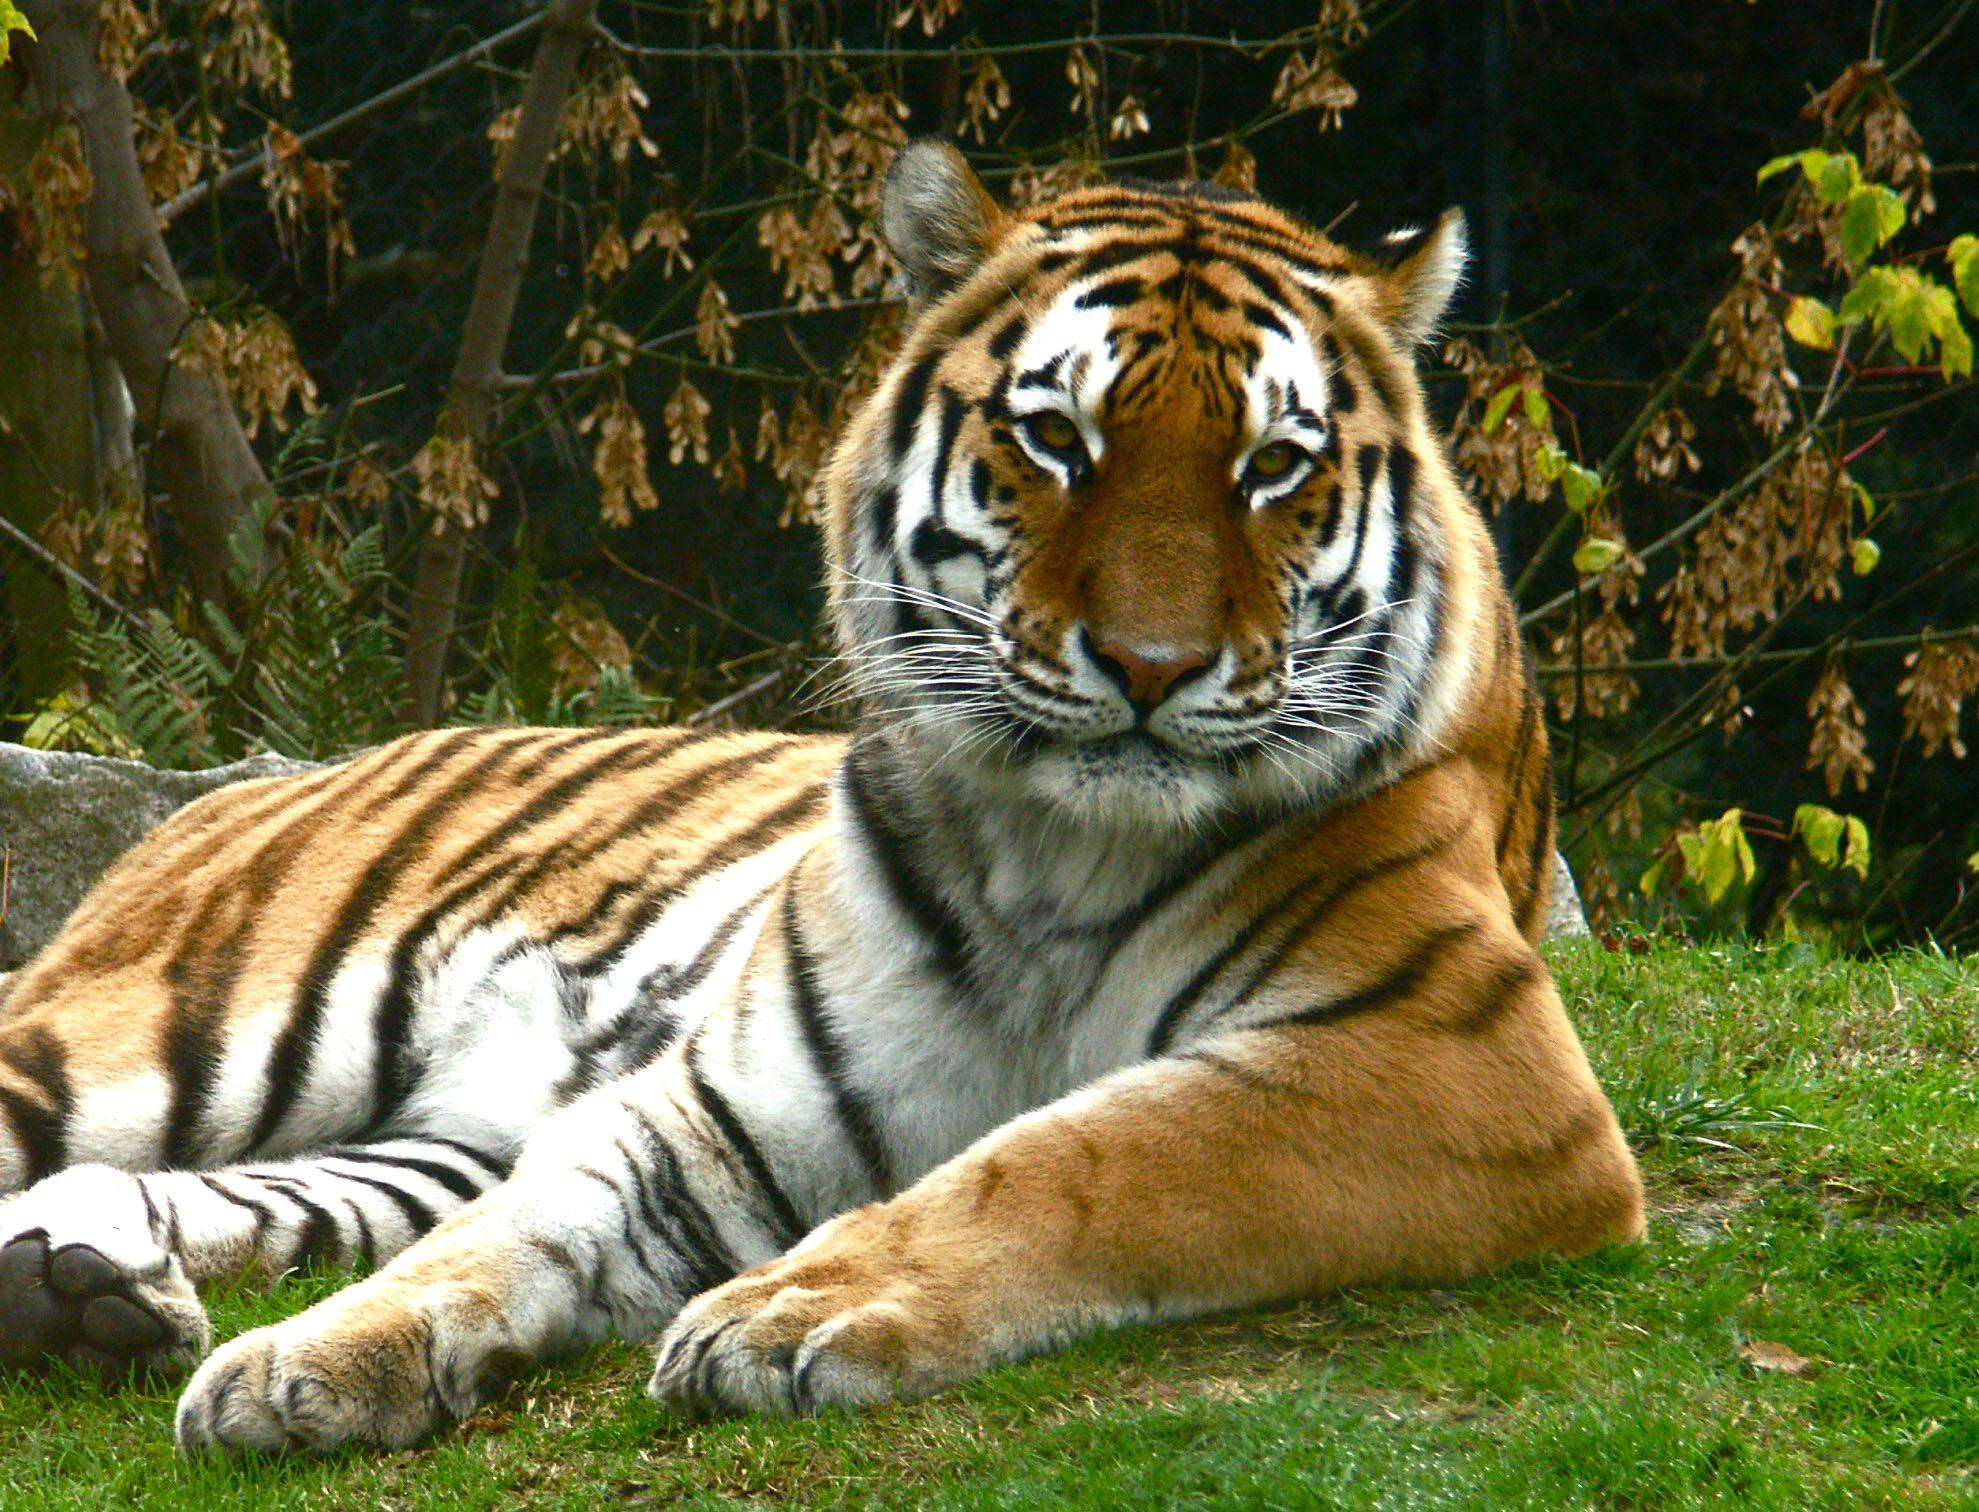 Les plus beaux f lins du monde recherche google animals are amazing pinterest more Les plus beaux hommes du monde